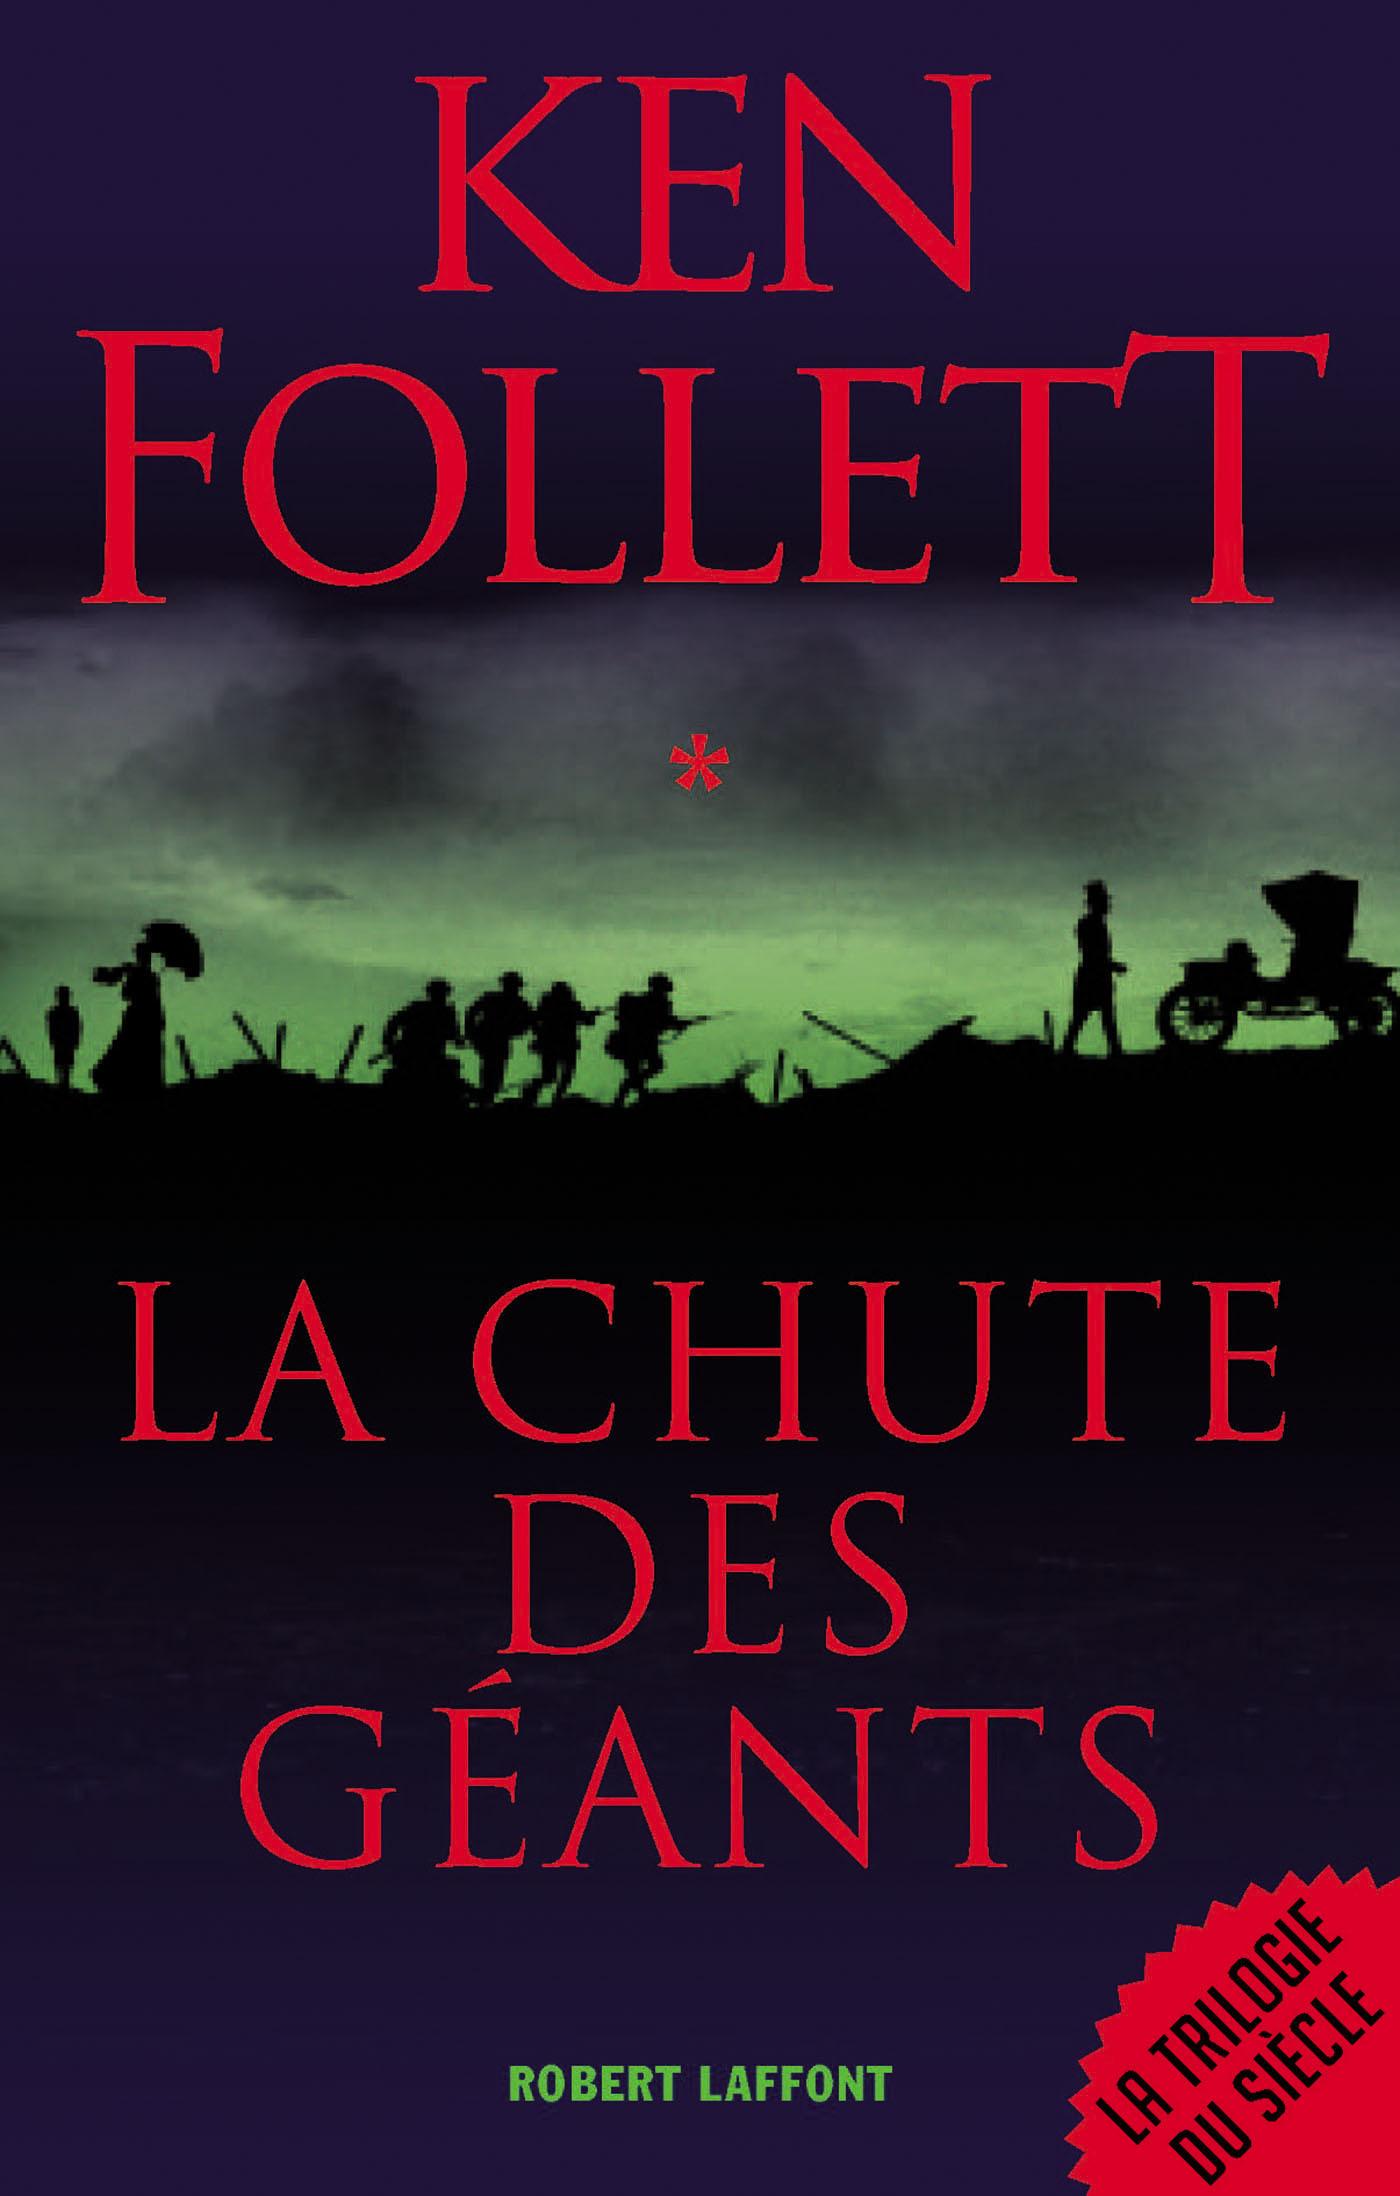 La Chute des géants | BRÈQUE, Jean-Daniel